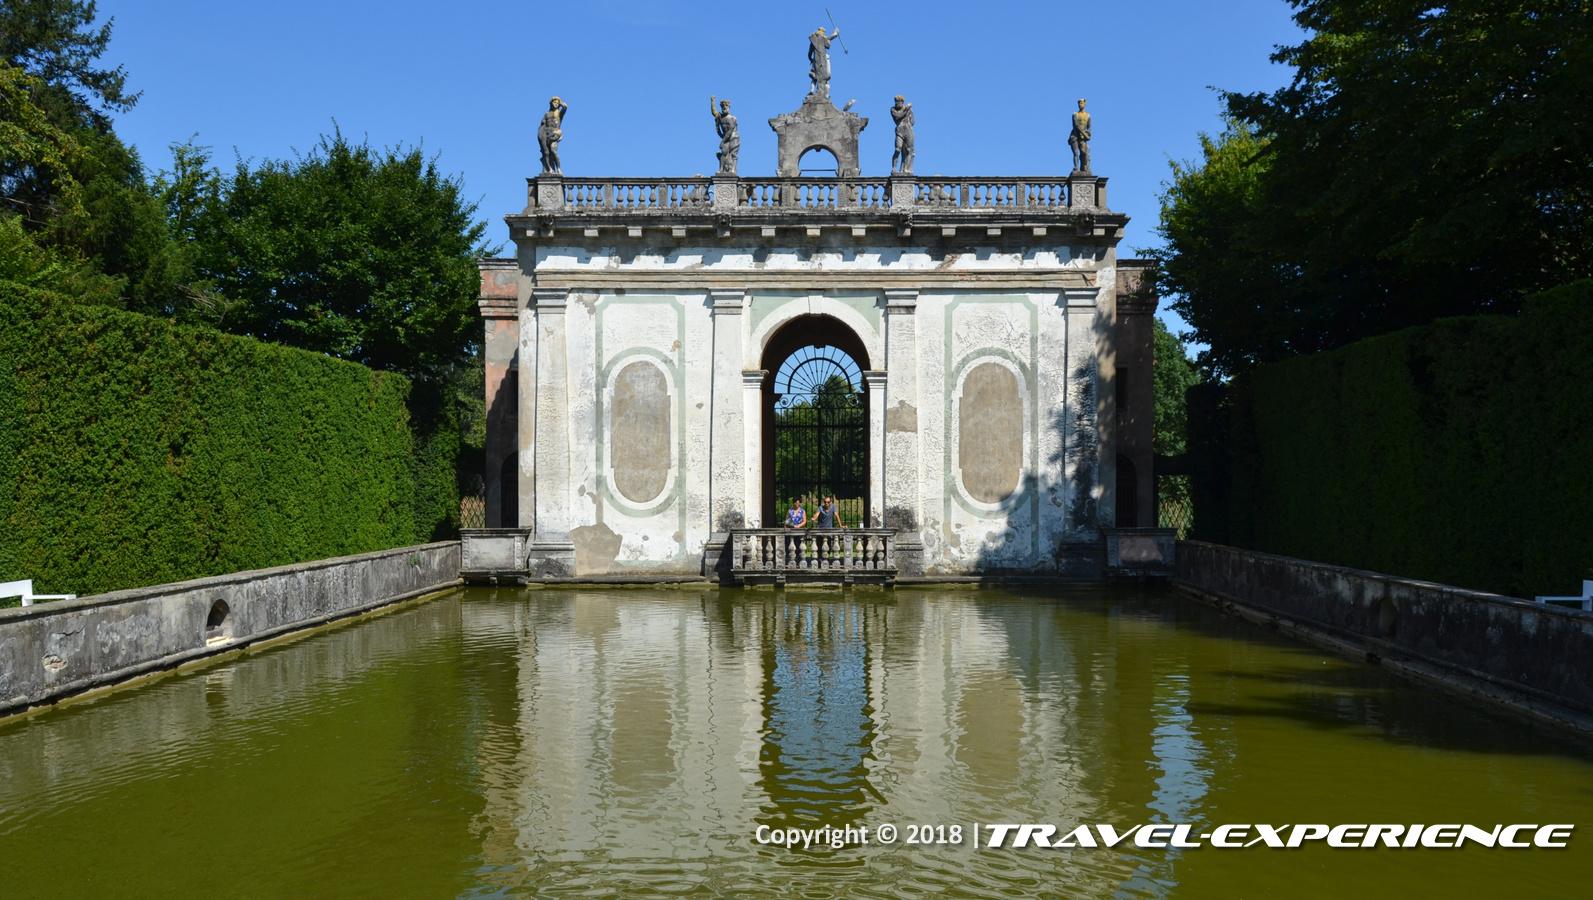 Foto Portale di Diana di Villa Barbarigo a Valsanzibio